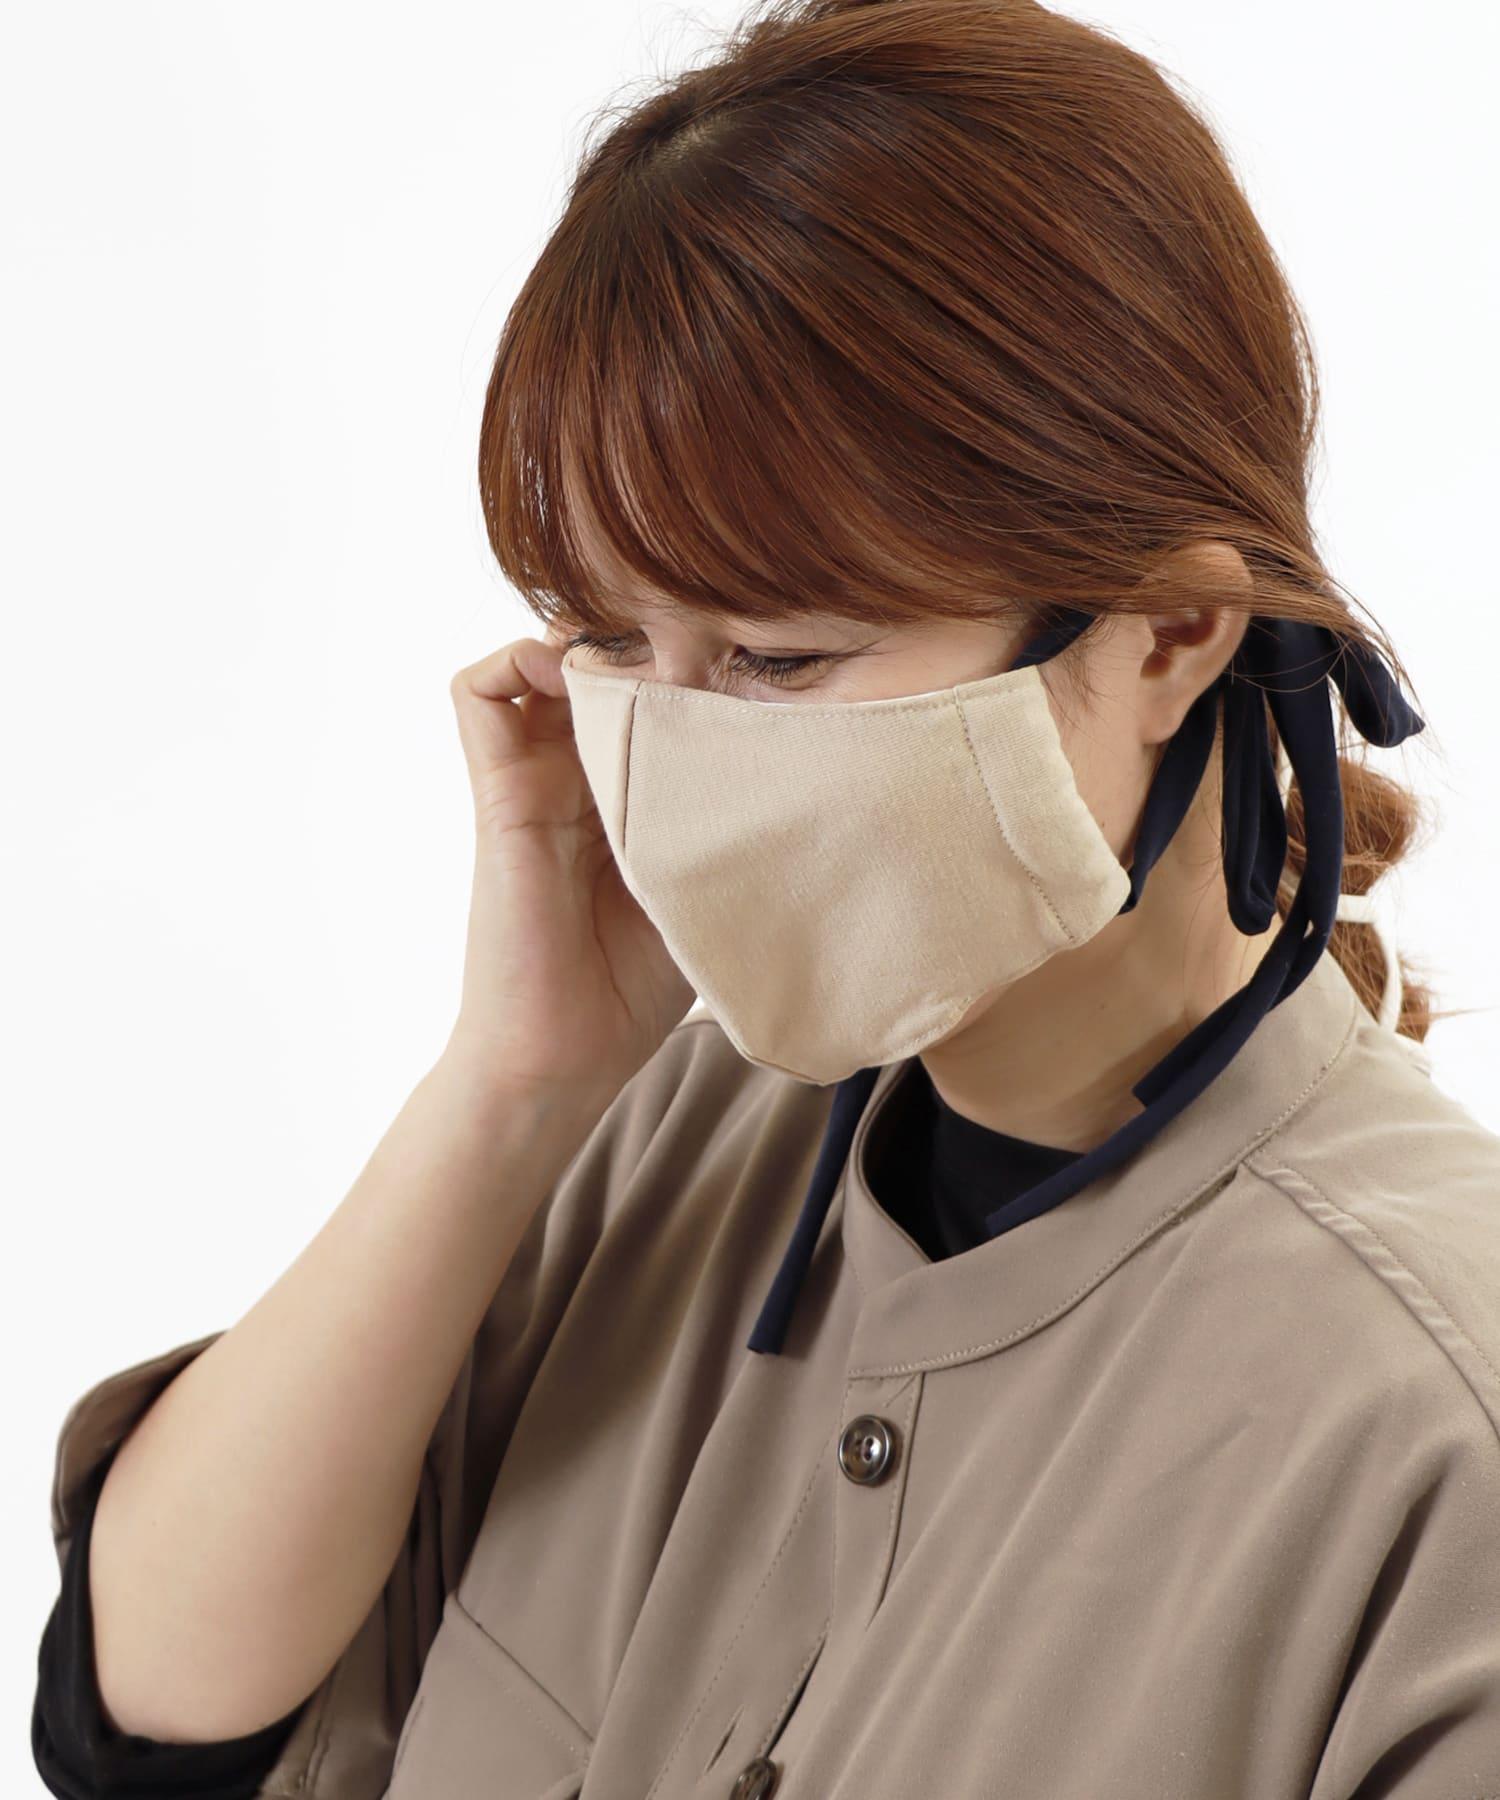 ASOKO(アソコ) ライフスタイル 《柔らかな肌触り》カットソーマスク ベージュ